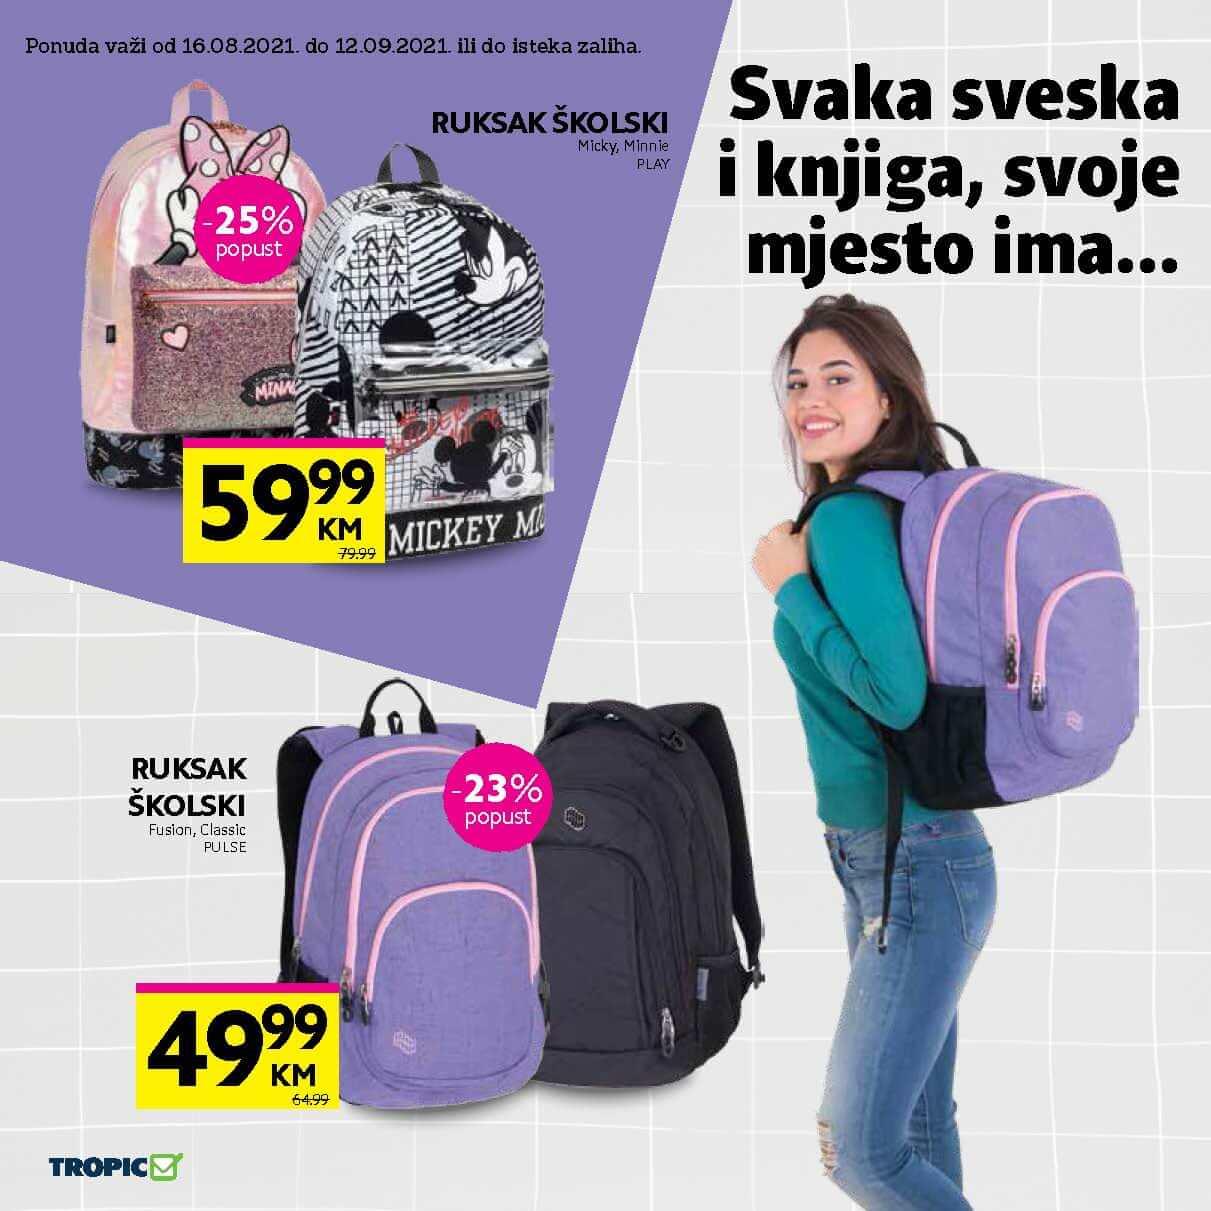 TROPIC Nova skolska avantura 16.8.2021. 12.9.2021. Page 04